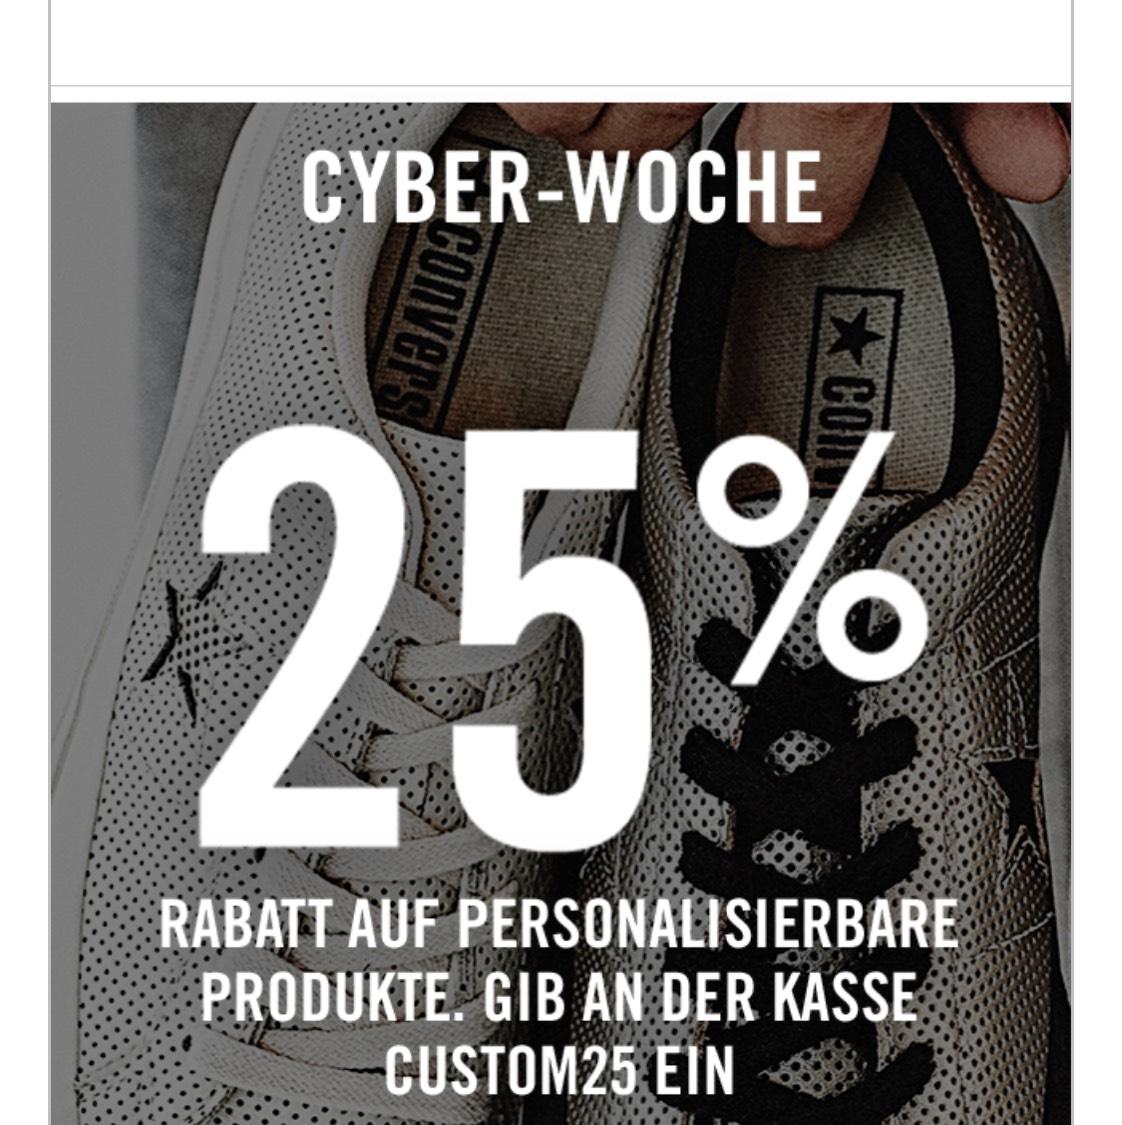 Converse 25% Rabatt auf Personalisierbare Produkte